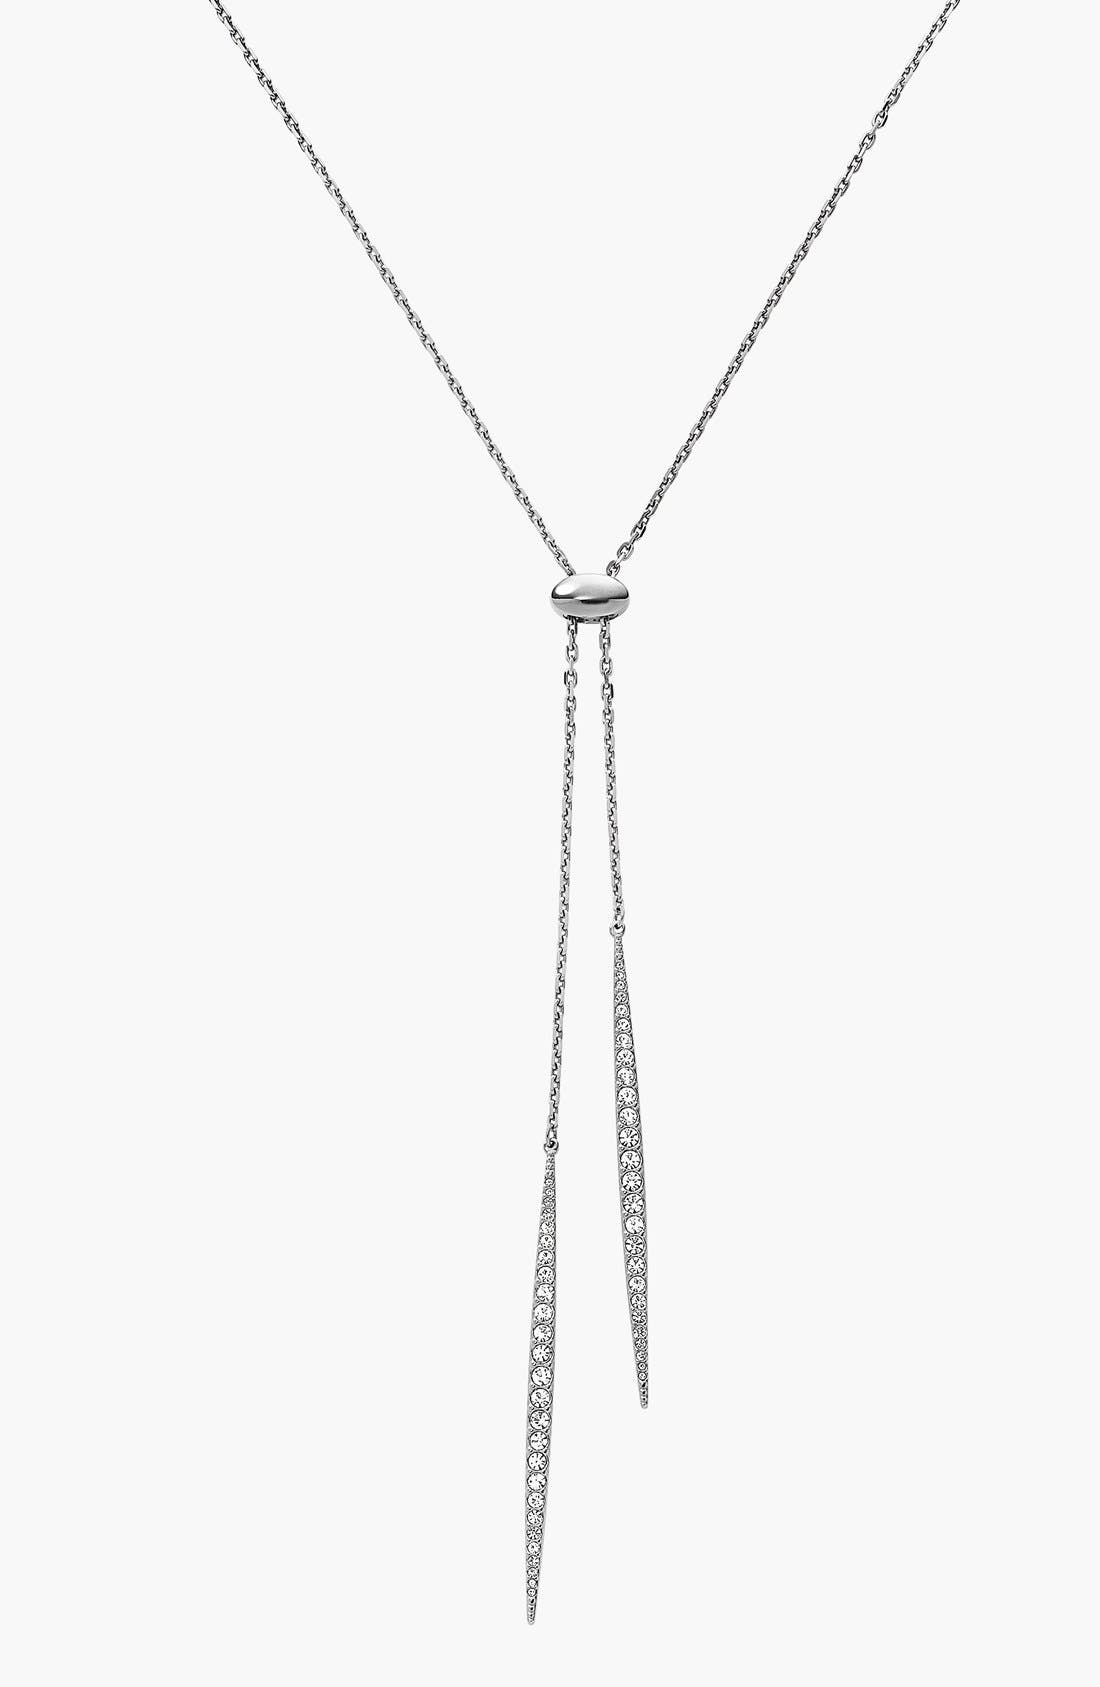 Main Image - Michael Kors 'Matchstick' Pavé Lariat Necklace